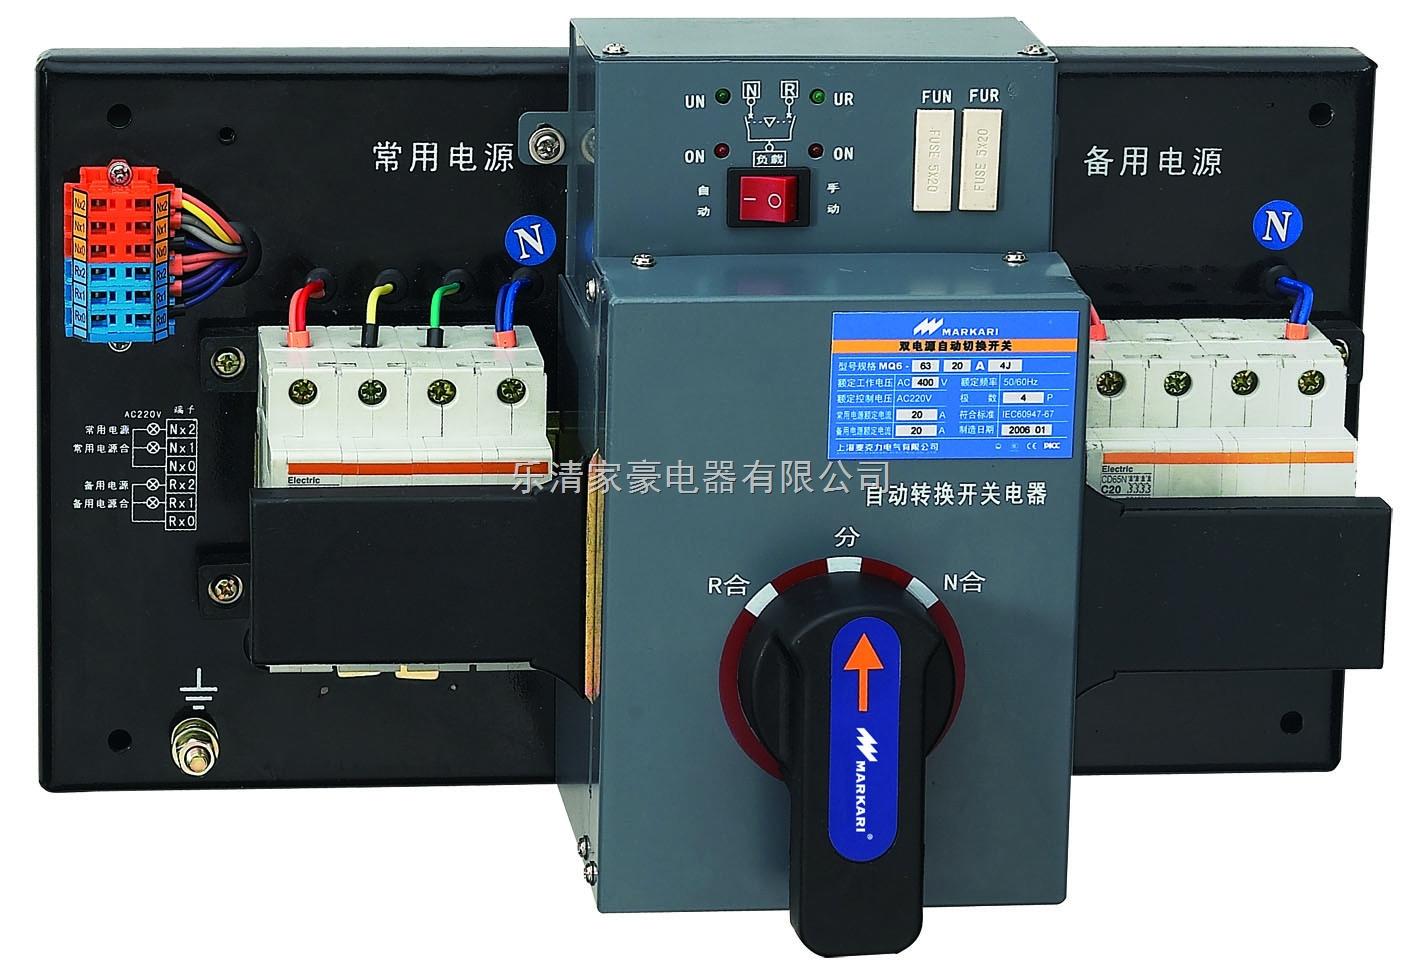 双电源概述销售热线;0577-27881424 ASQ1-630J(塑壳经济型)双电源转换开关(双电源自动切换装置)适用于交流50HZ,额定工作电压380V及以下的双电源供电系统,用自动或手动操作方式来完成常用电源与备用电源之间的切换。双电源自动转换开关适用于商店、银行、冶金、高层建筑、军事设施等不允许断电的重要场合。 双电源切换开关主要由电源转换执行断路器(包括常用电源执行断路器和备用电源执行断路器各一台),自动控制盒、电动操作机构等部分组成。断路器均保持原有的过流保护和断路保护功能、可同时作为通断及